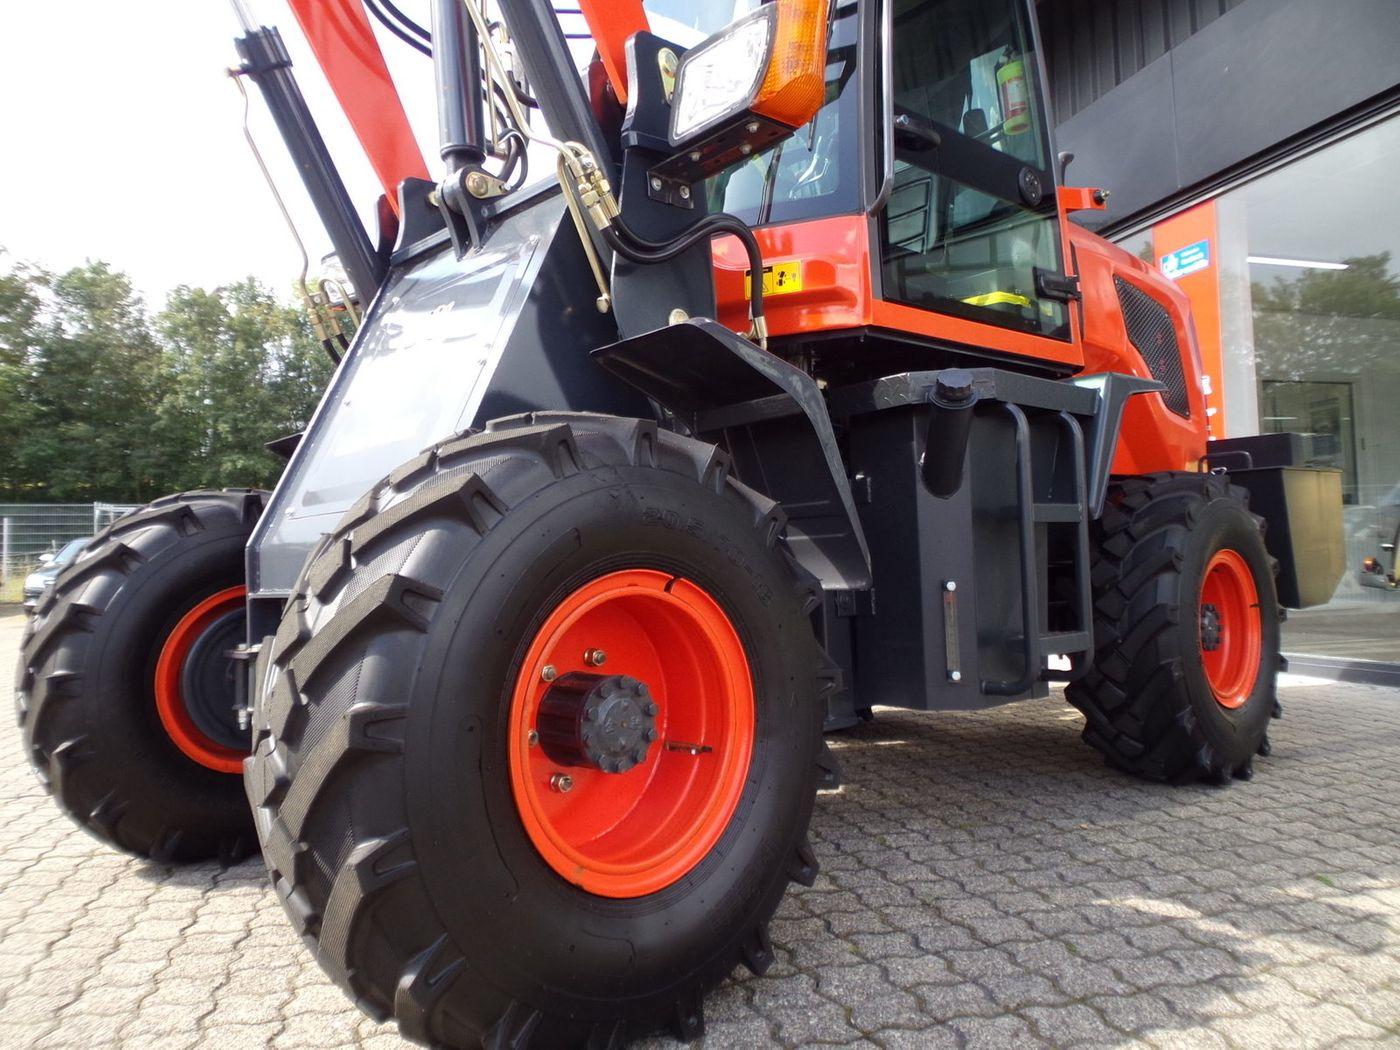 Deutschland traktoren autoscout24 Kommunal/Sonderfahrzeuge gebraucht